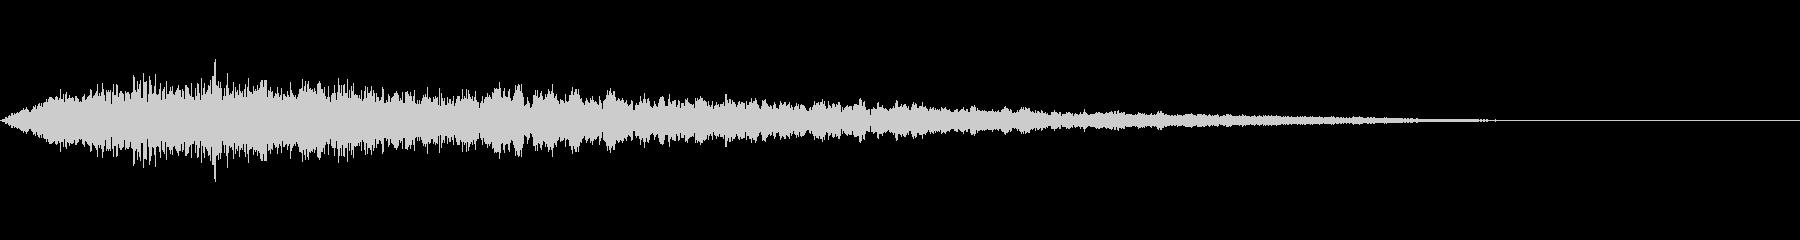 ミステリアスな声の効果音の未再生の波形